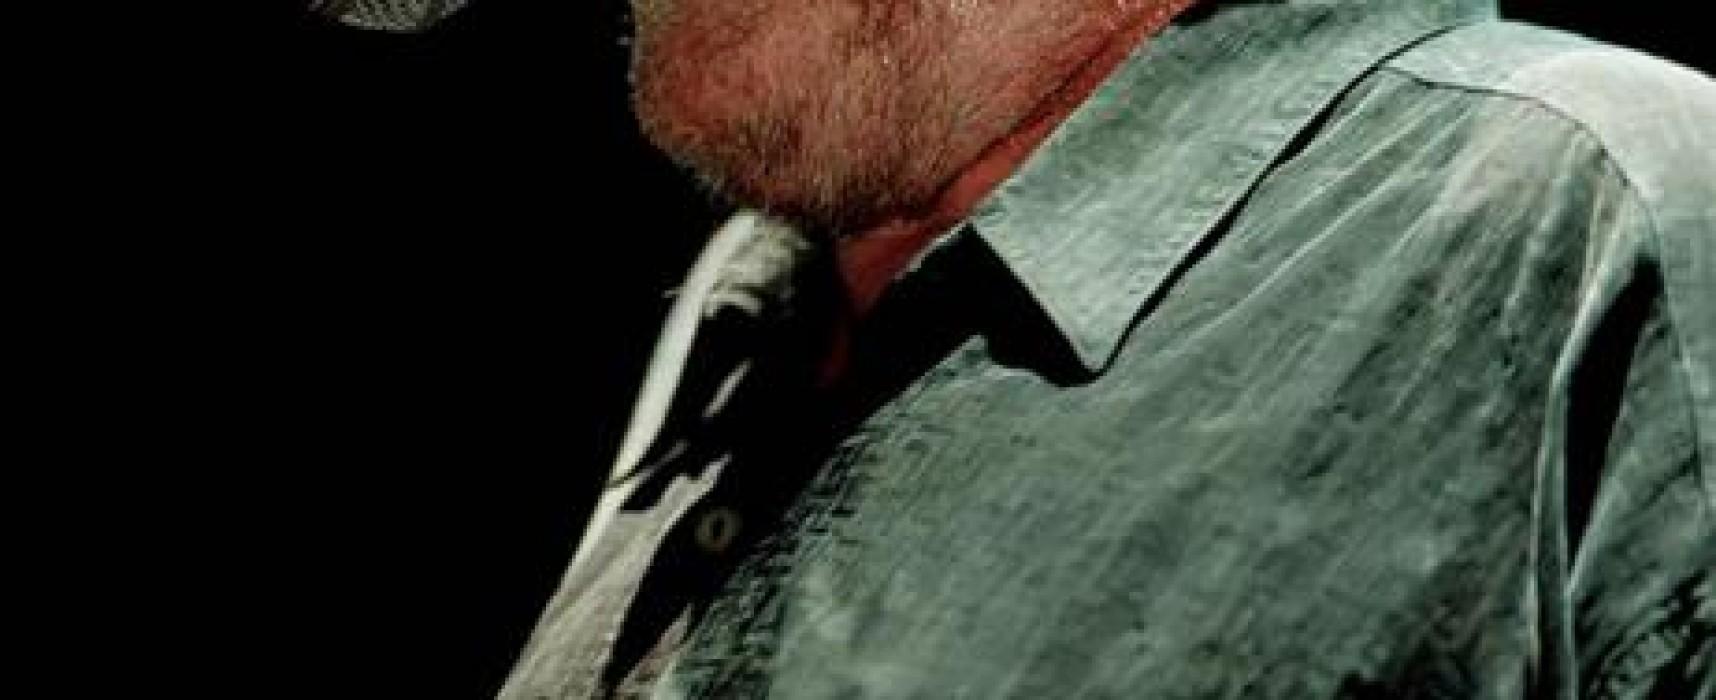 E' morto all'eta' di 70 anni il cantante Joe Cocker